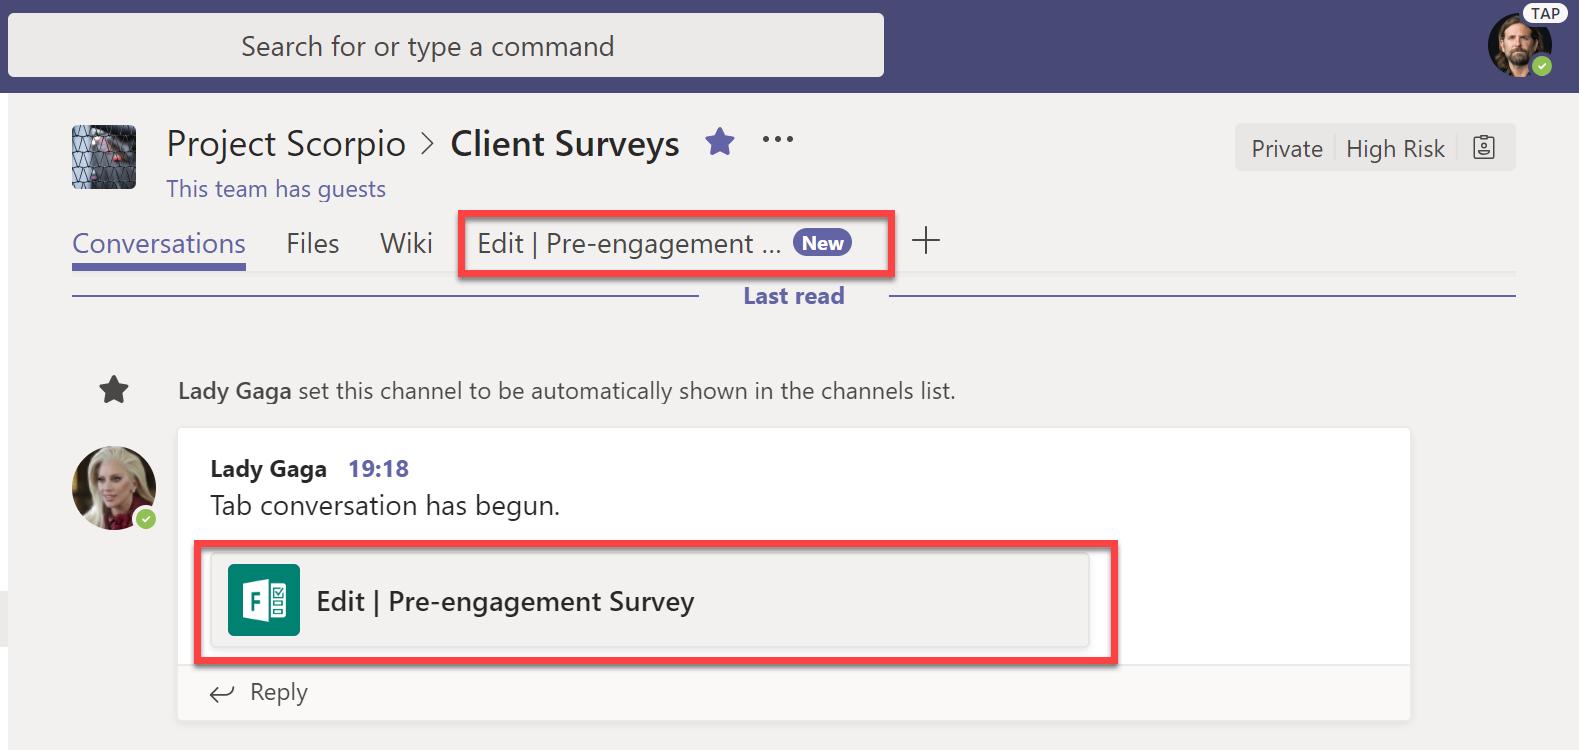 Edit pre-engagement survey